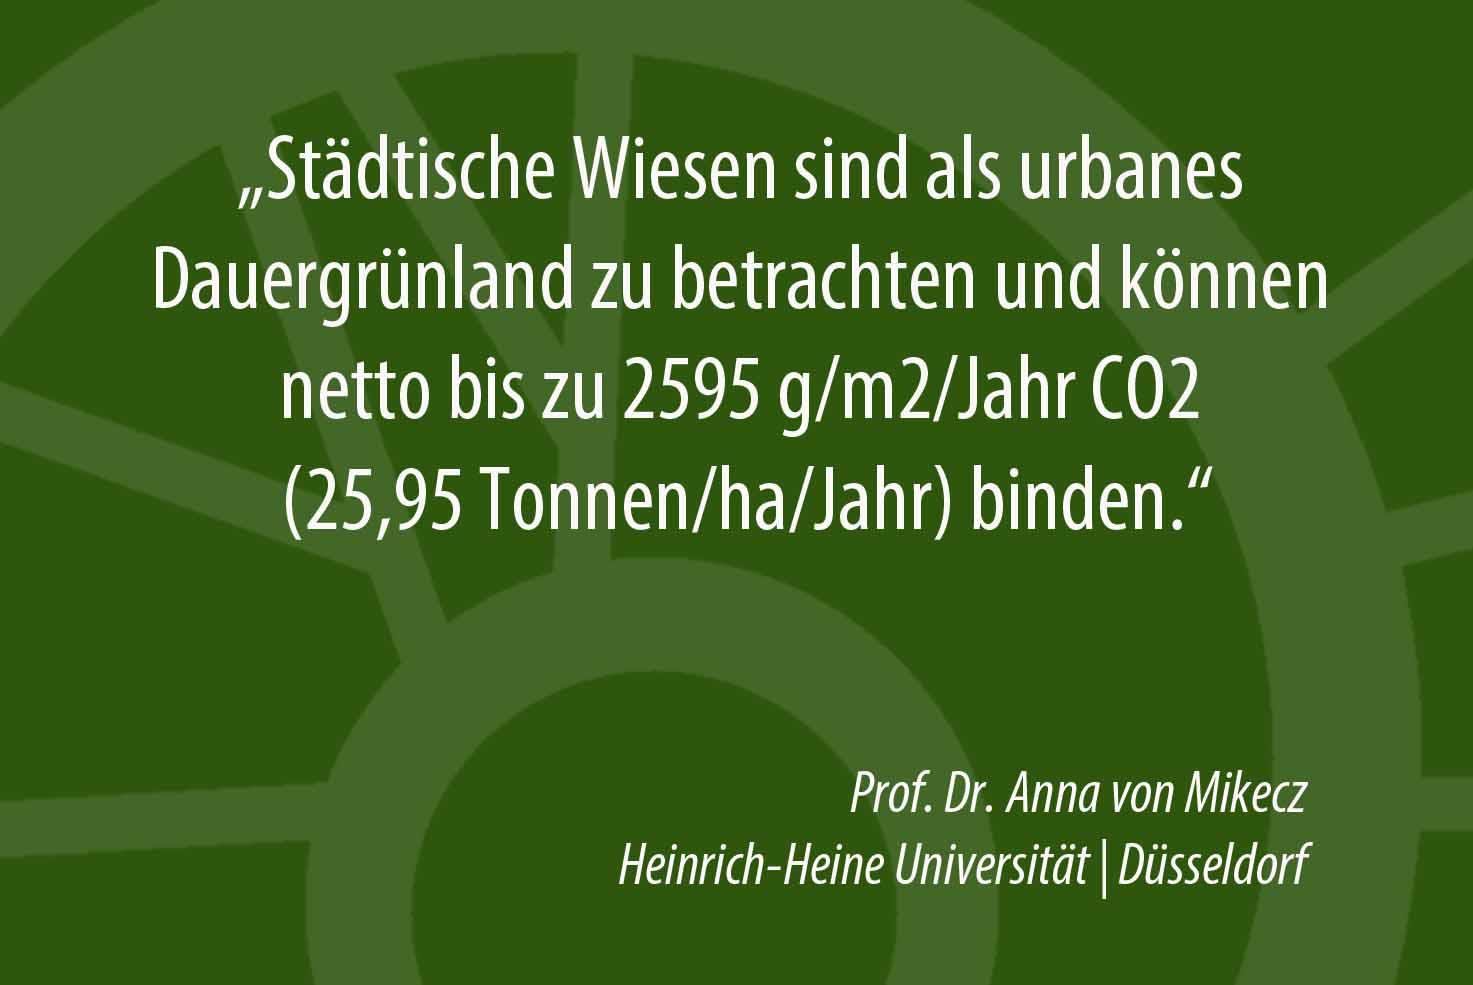 Urbanes Dauergrünland bindet CO2